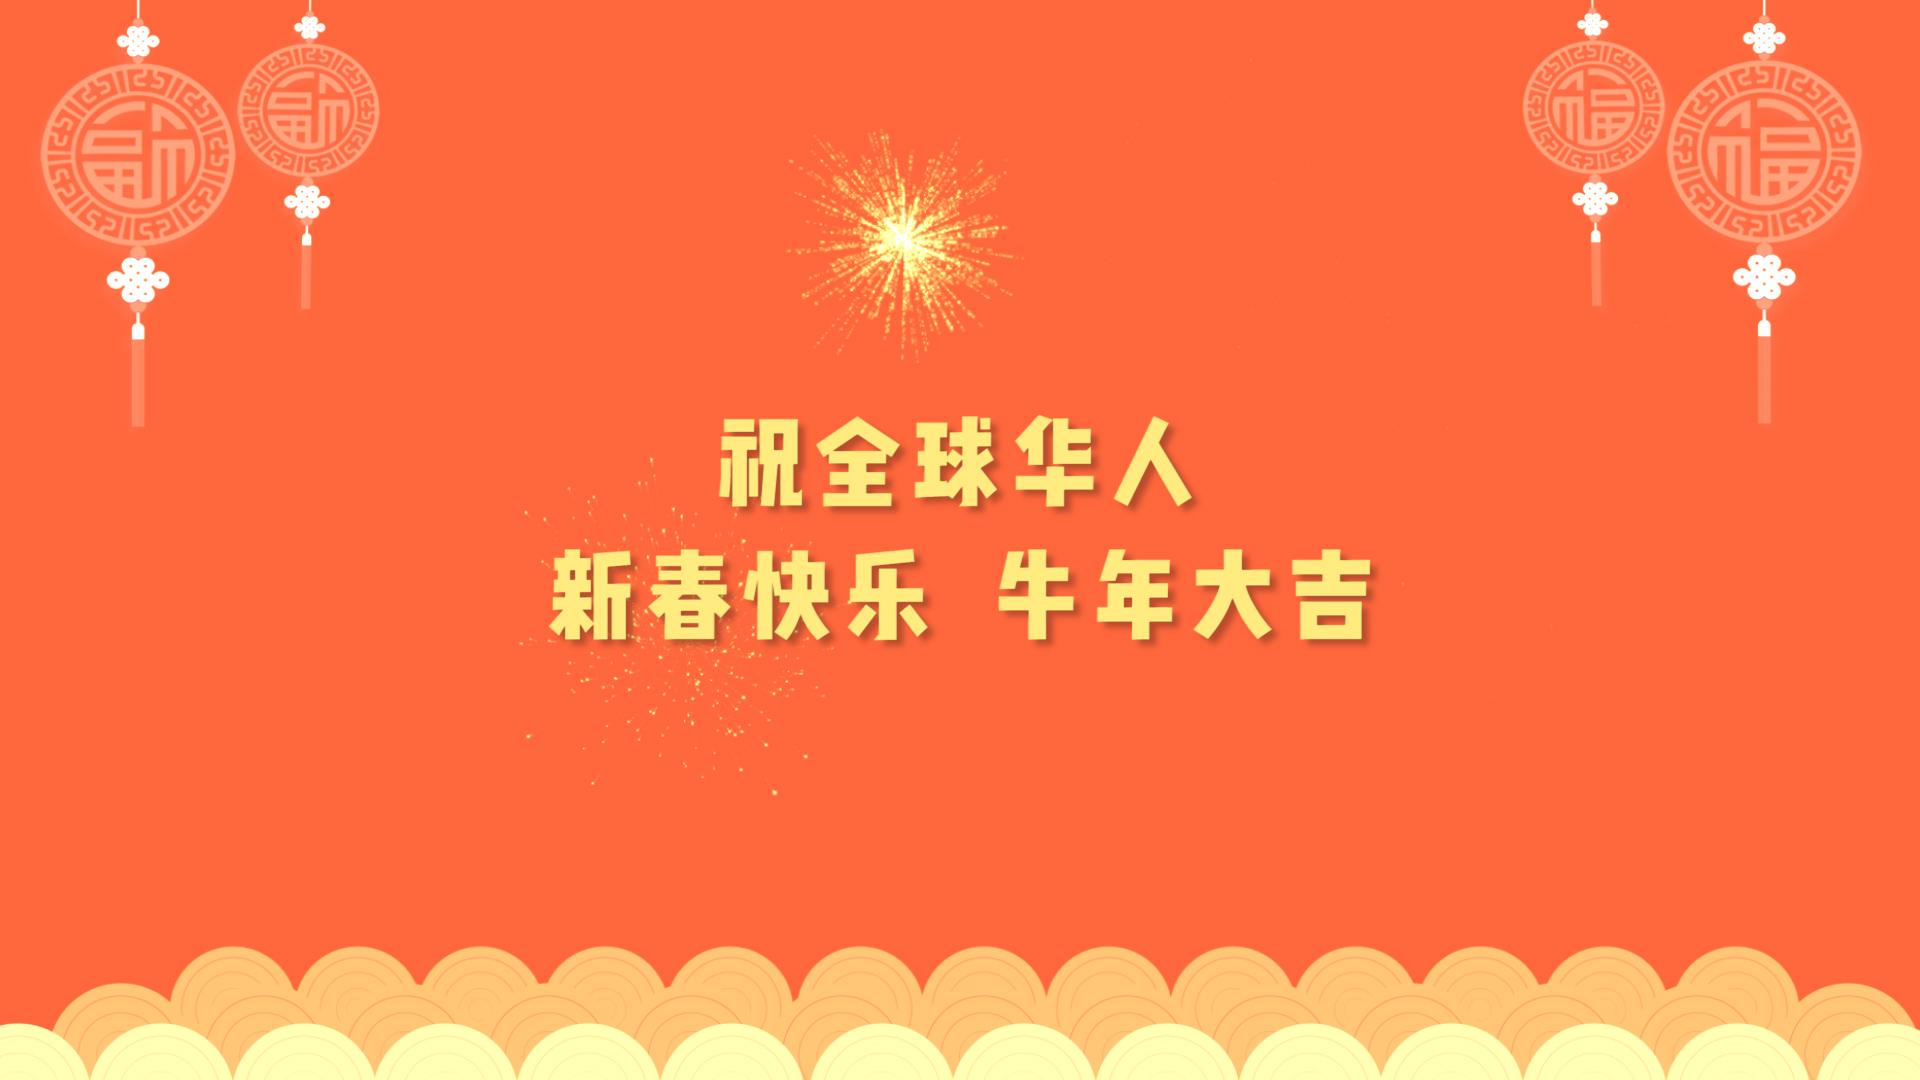 新春快樂 牛年大吉